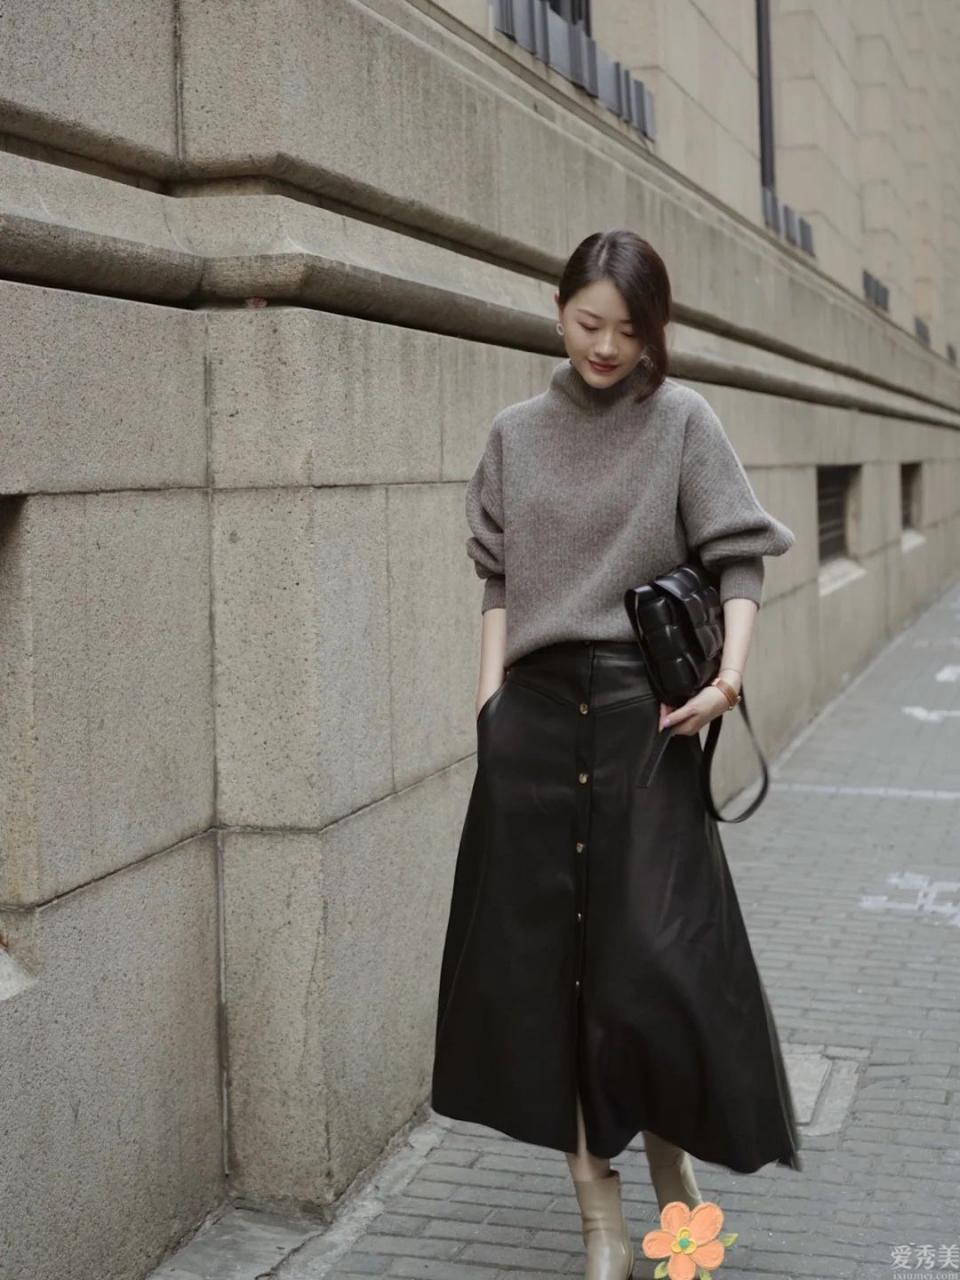 不管皮靴還是短靴,秋冬少買黑灰色,這三種色調更強搭,顯高顯修長美腿